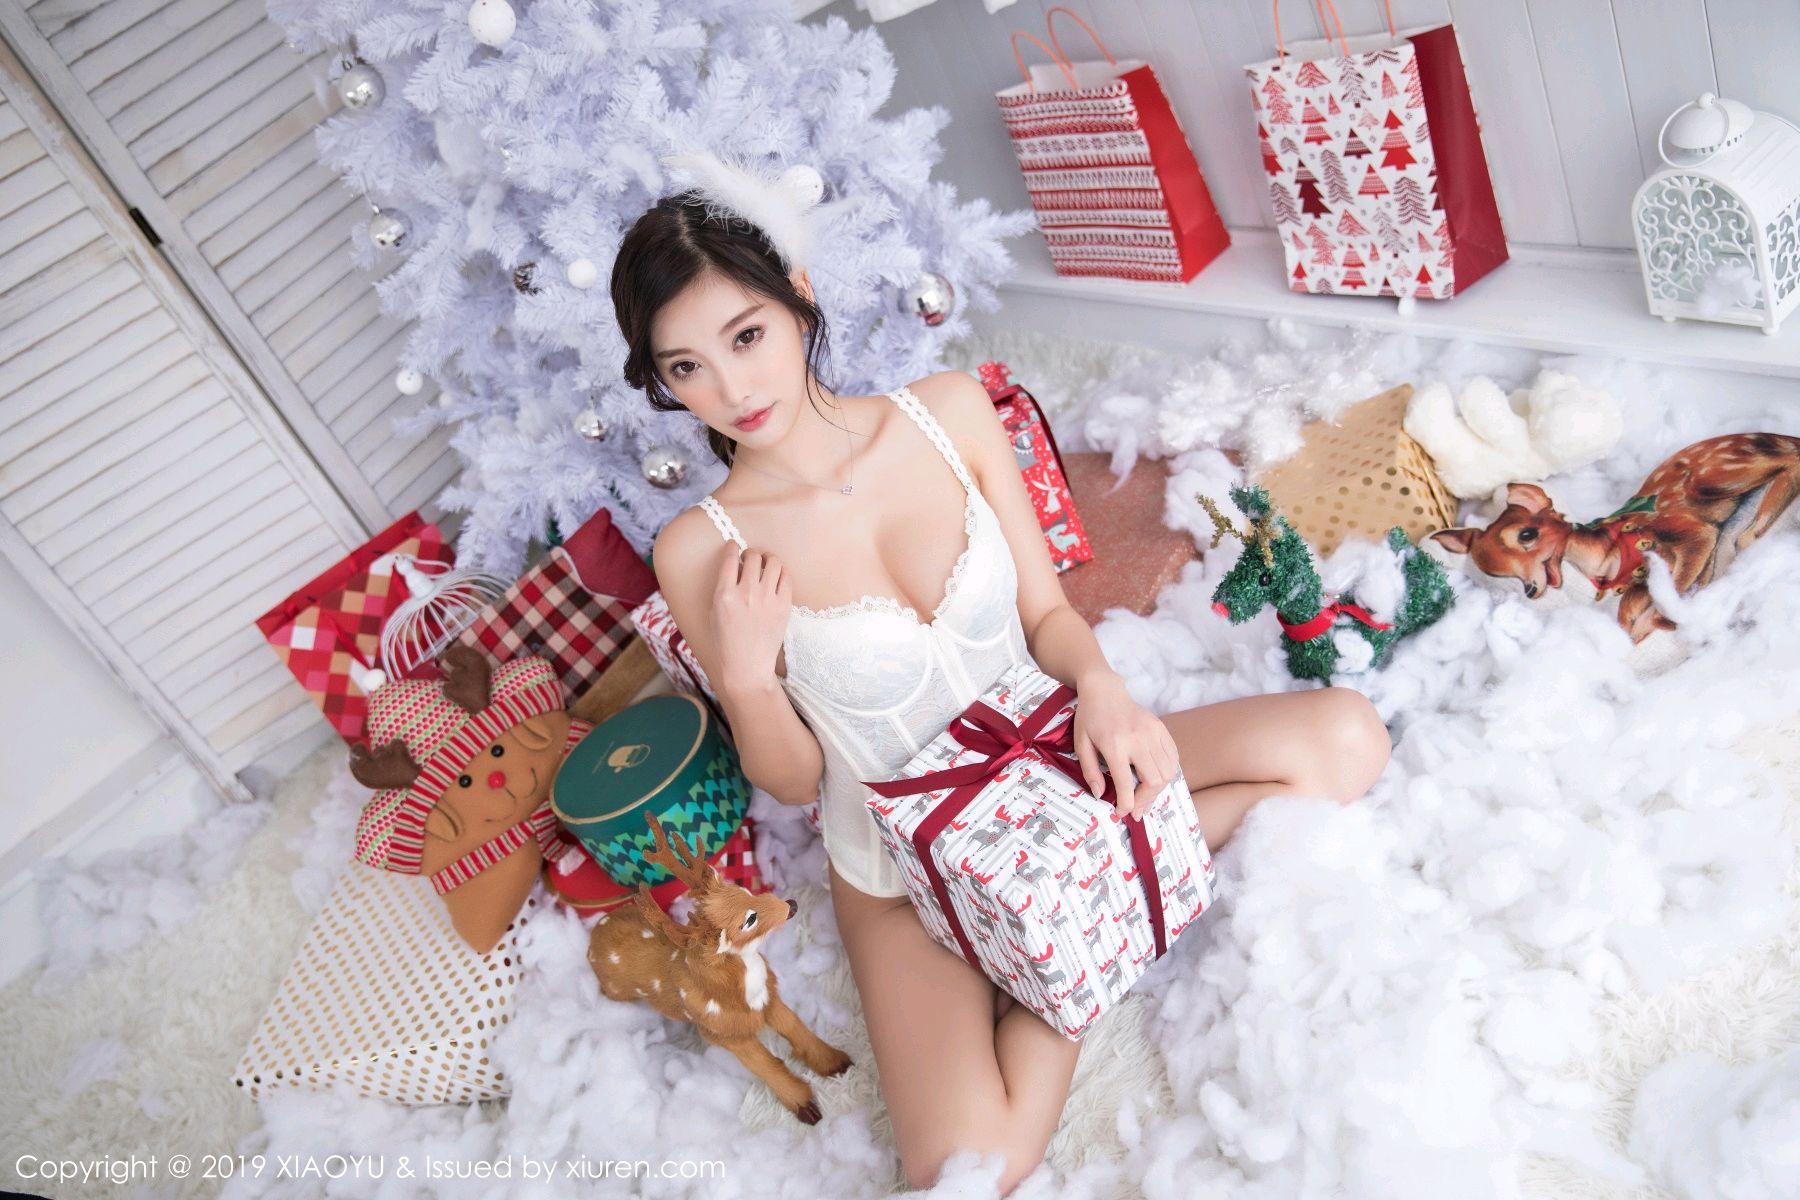 [XiaoYu] Vol.059 Christmas Theme 40P, Christmas, Underwear, XiaoYu, Yang Chen Chen